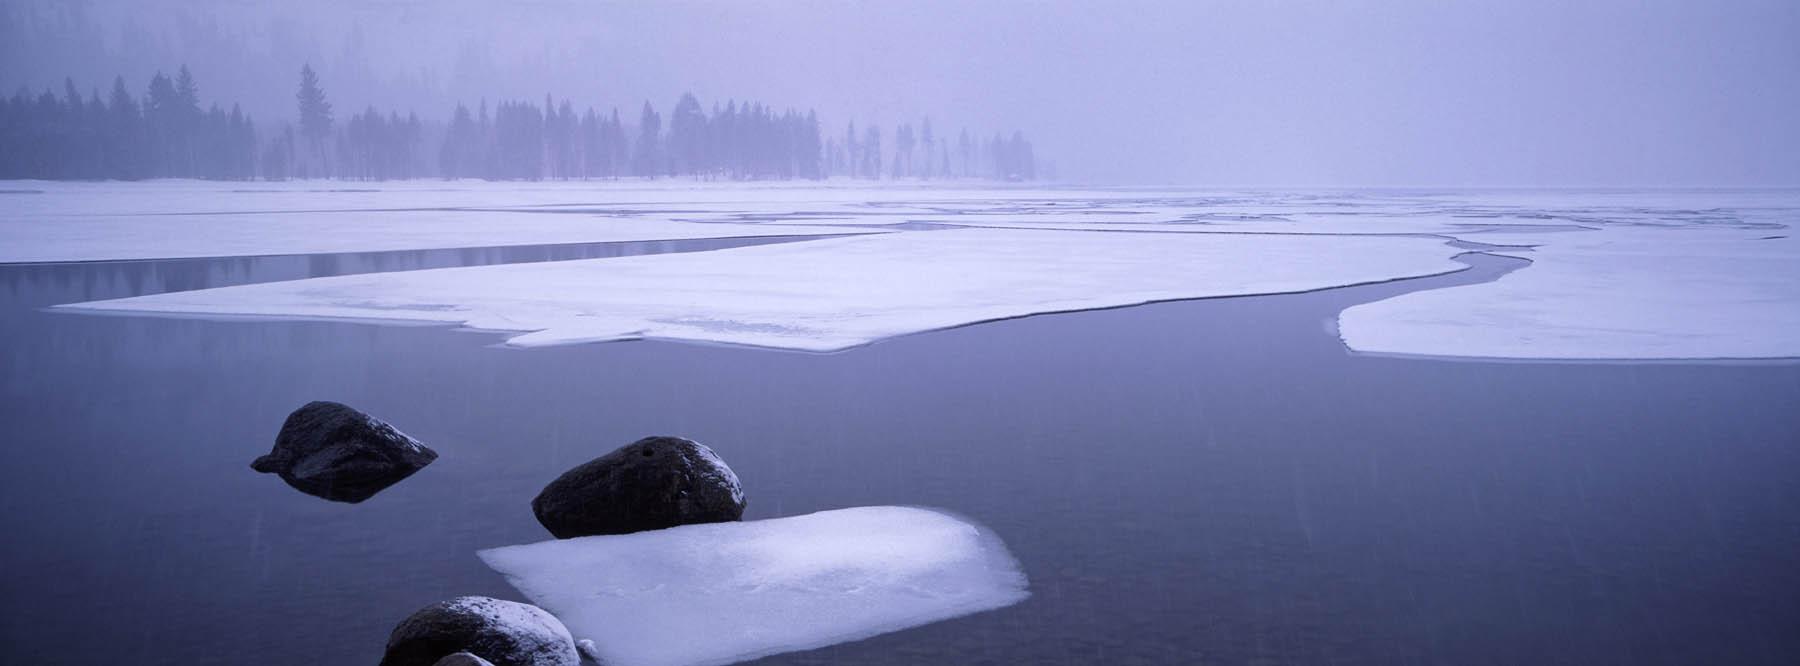 Donner Lake (Even).jpg